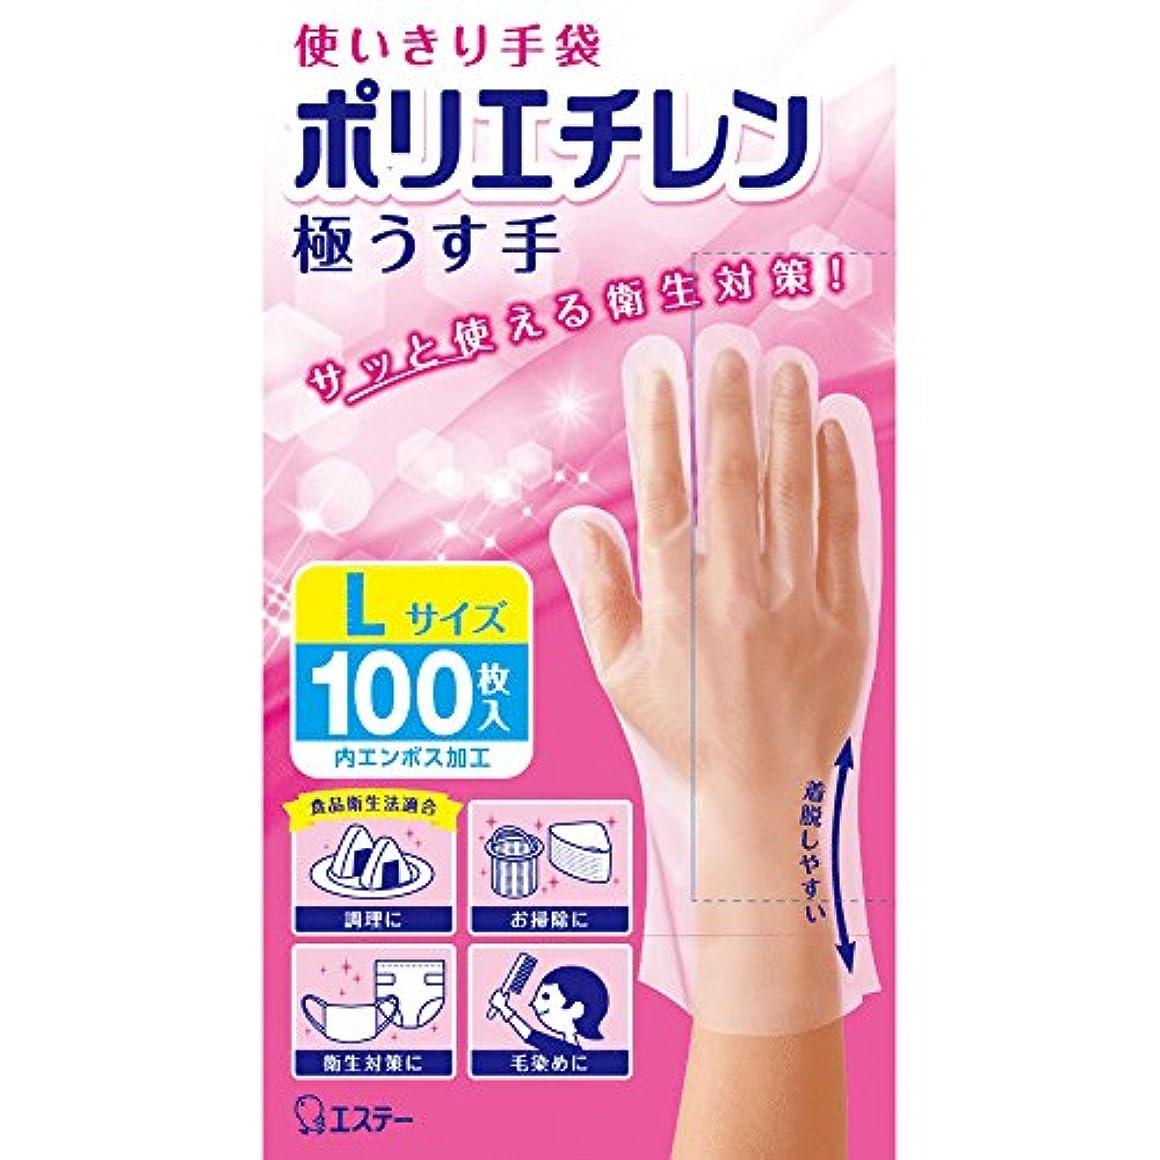 品種感嘆符ジャンク使いきり手袋 ポリエチレン 極うす手 Lサイズ 半透明 100枚